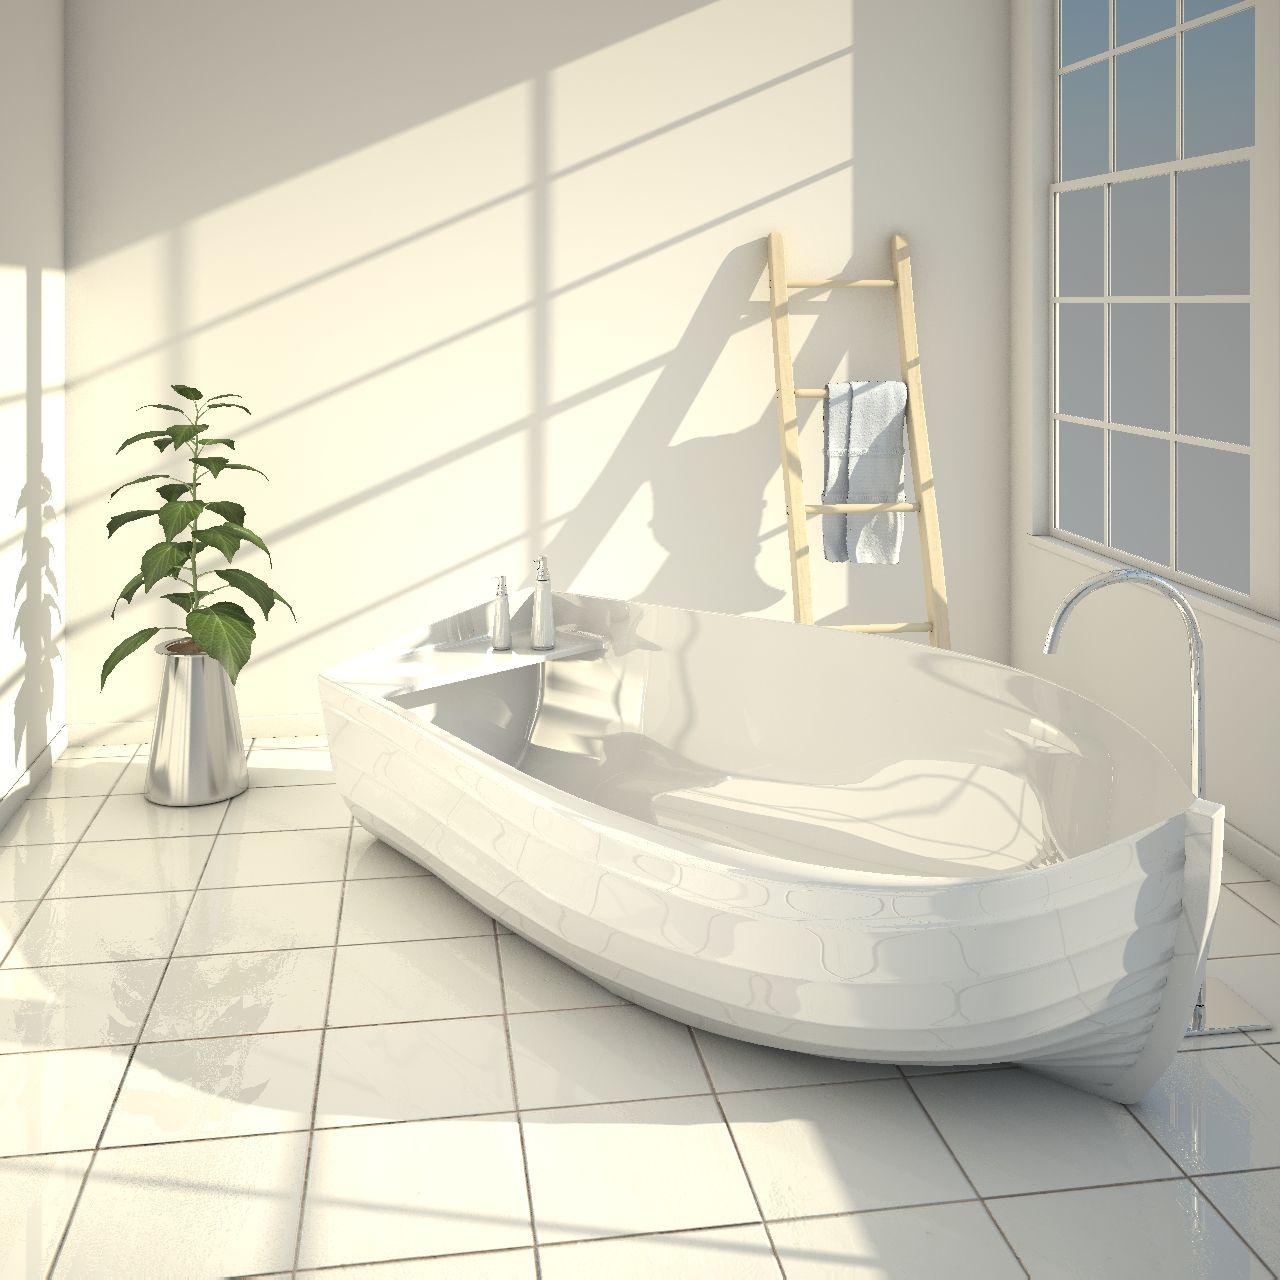 vasca da bagno di design a forma di barca ocean made in italy realizzata in adamantx